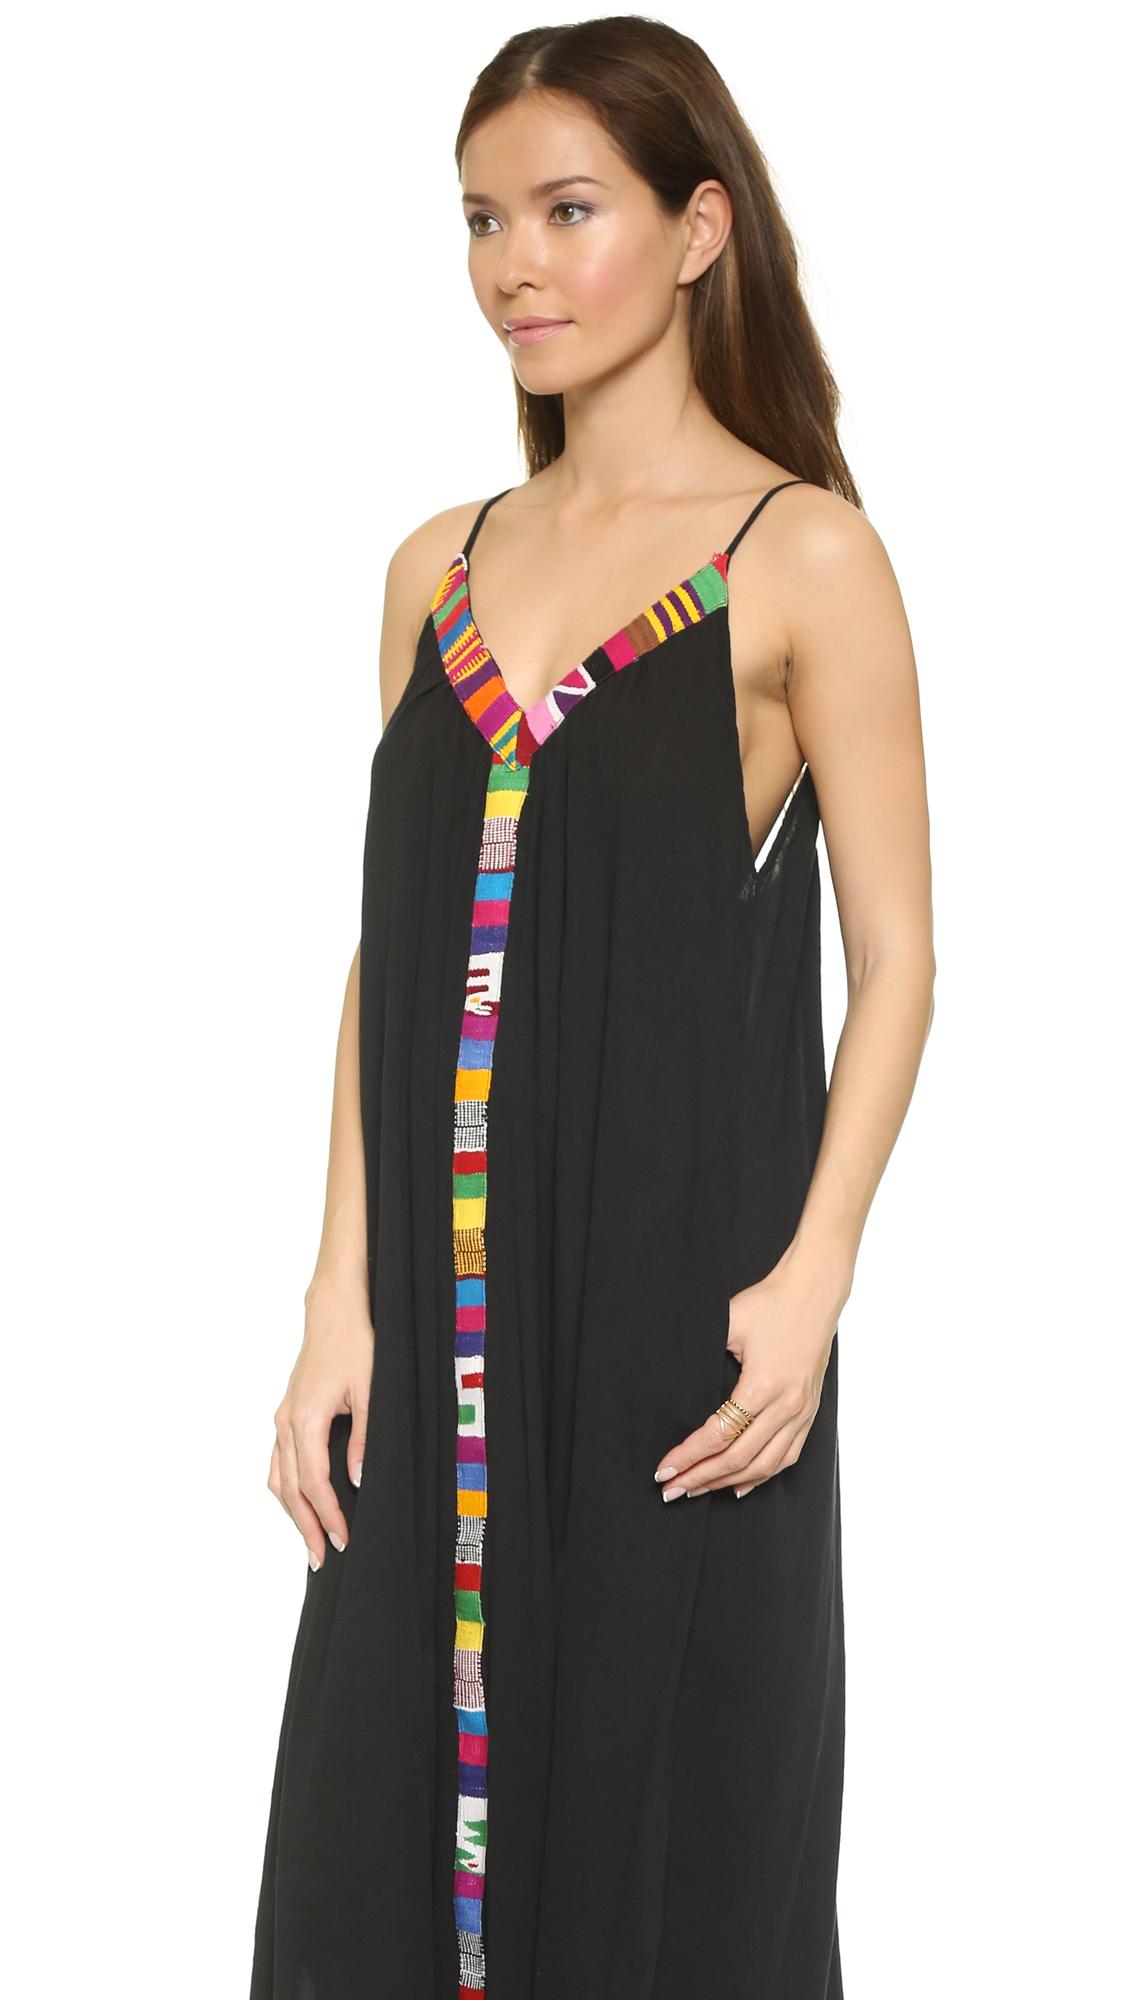 c41735b27a 9seed Portofino Trim Cover Up Dress | SHOPBOP